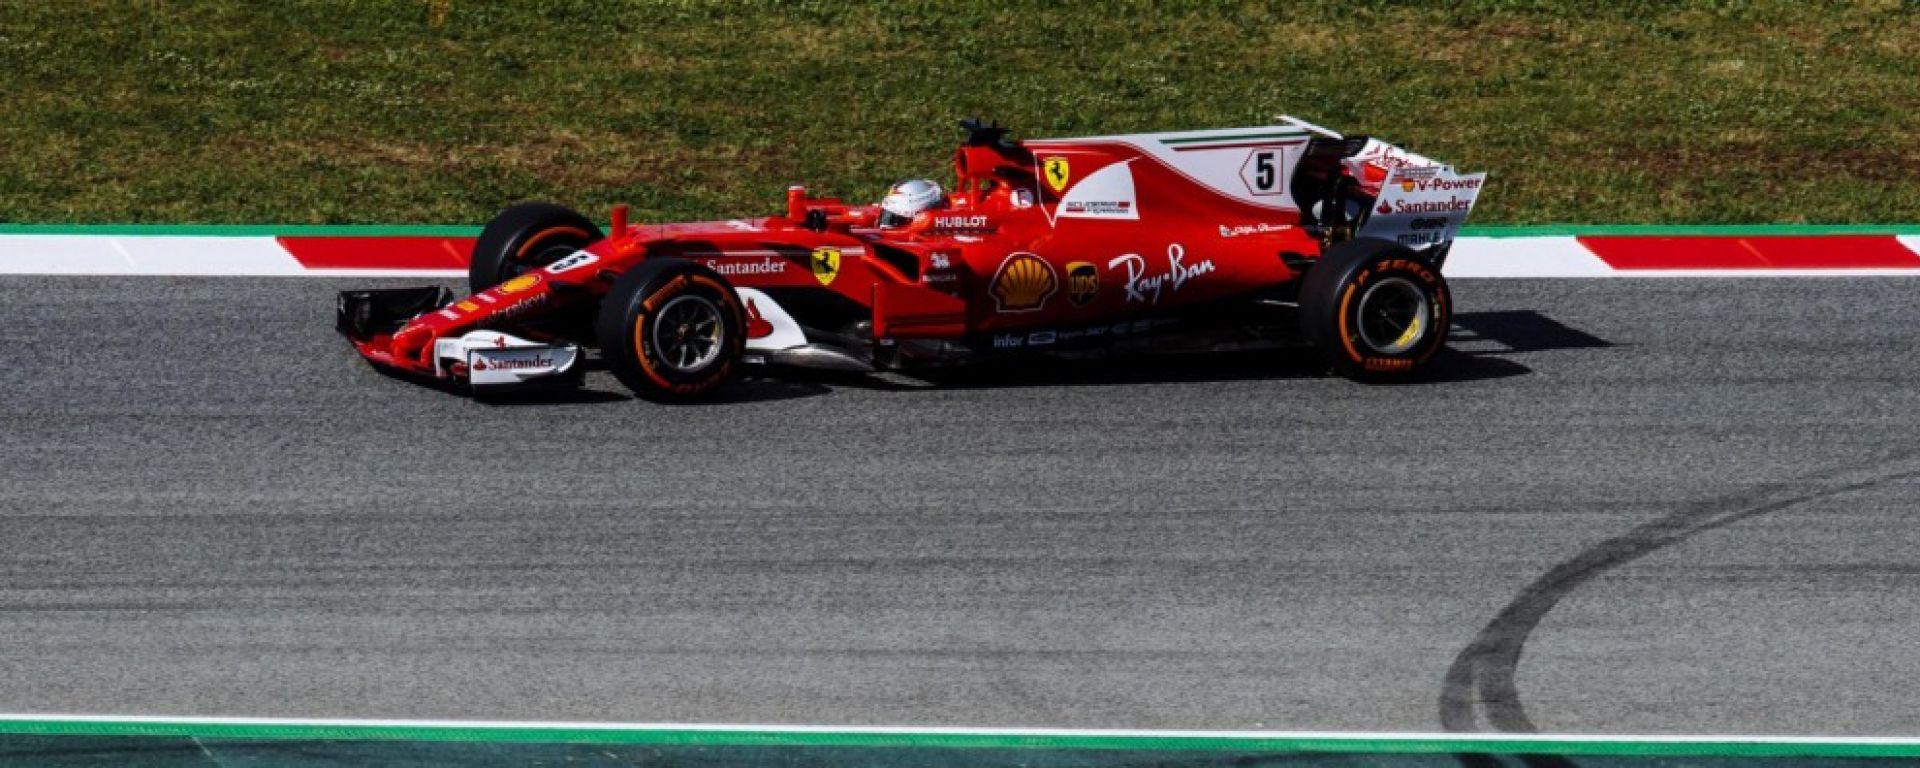 Ferrari al GP Spagna: nuove soluzioni aerodinamiche nei test